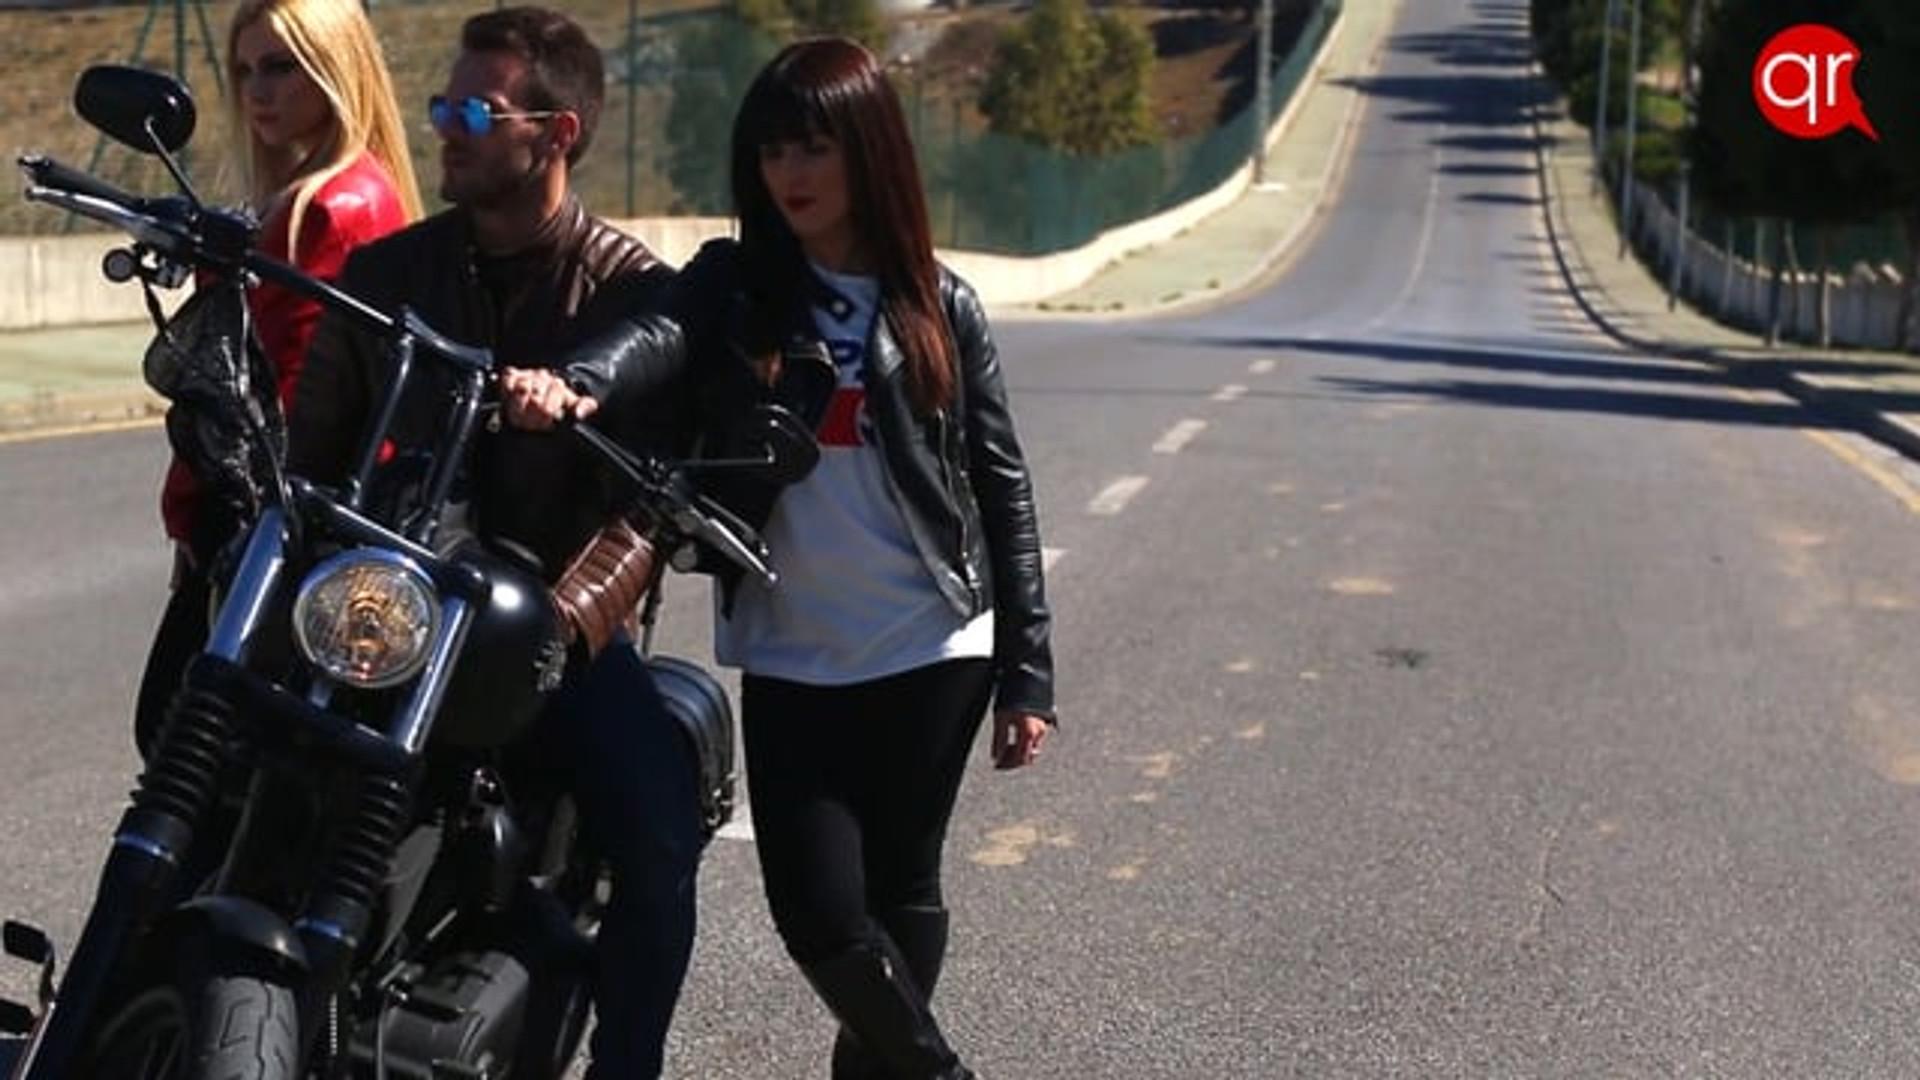 Making Of Harley Davidson